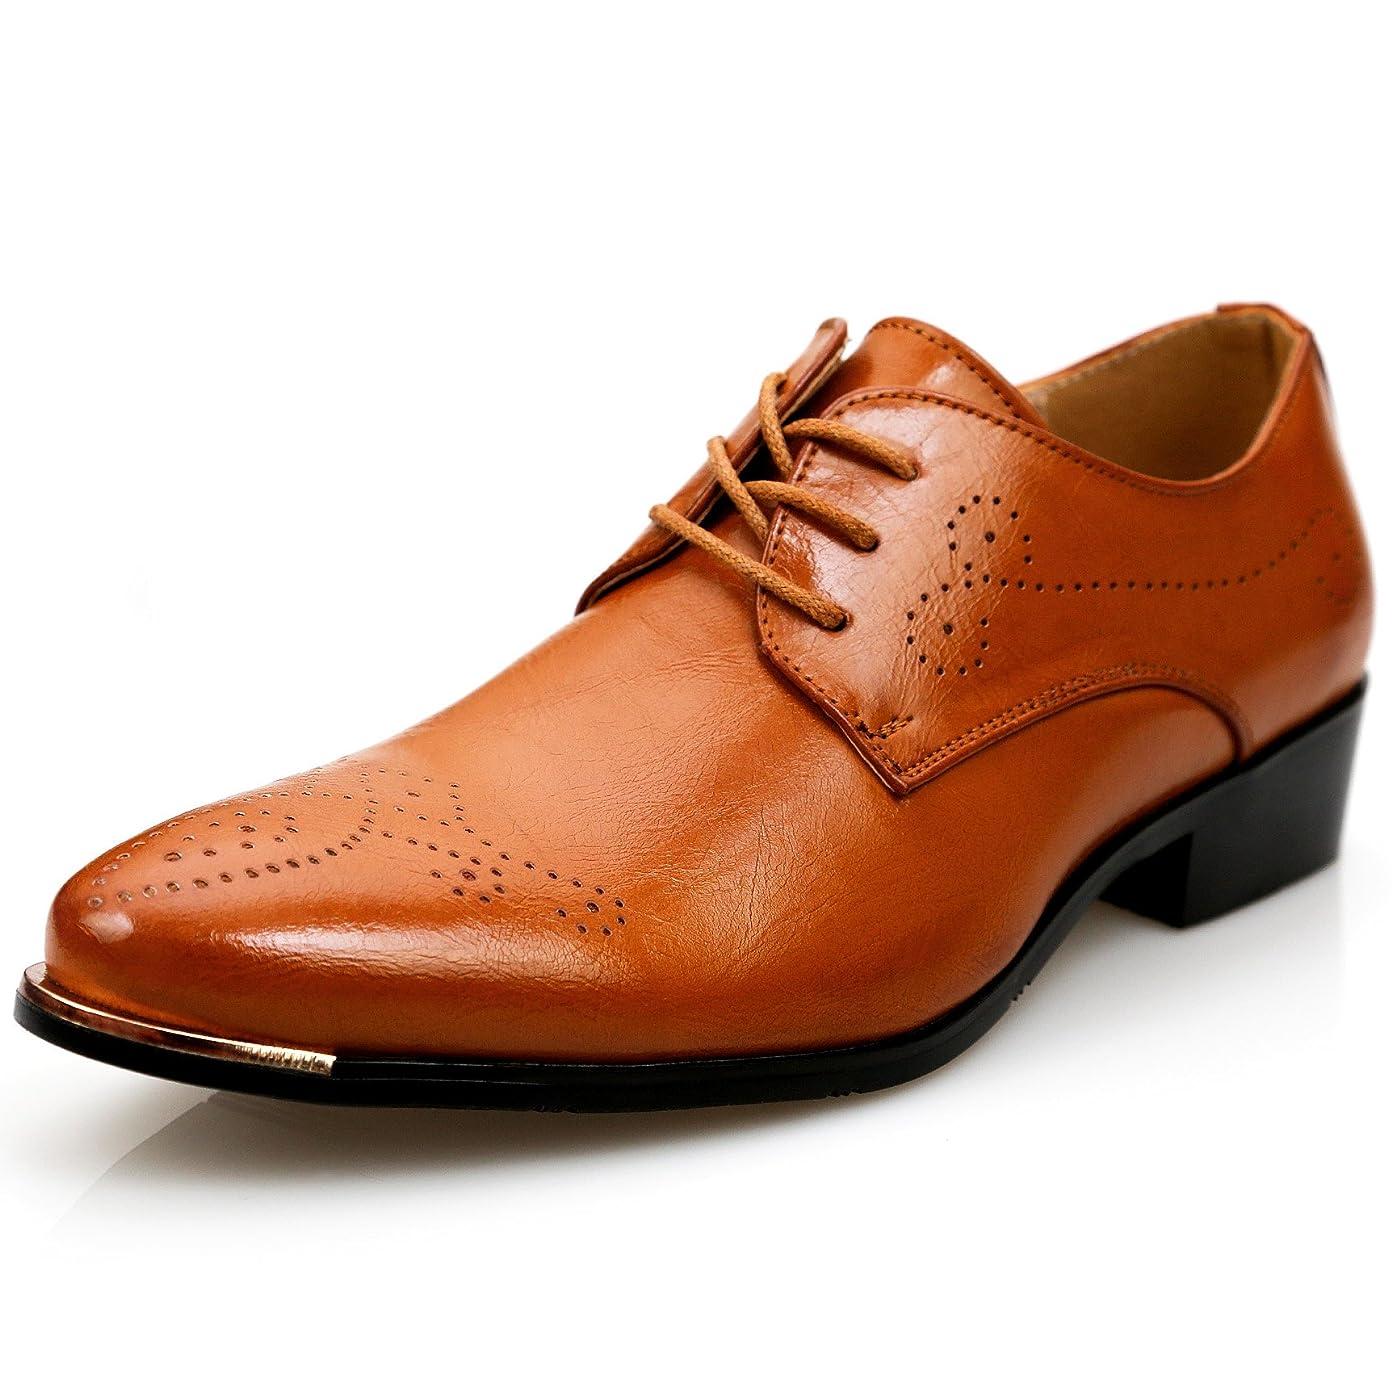 見ました週末黙[デザート] フォクスセンス Foxsense ビジネスシューズ 紳士靴 外羽根 ストレートチップ 革靴